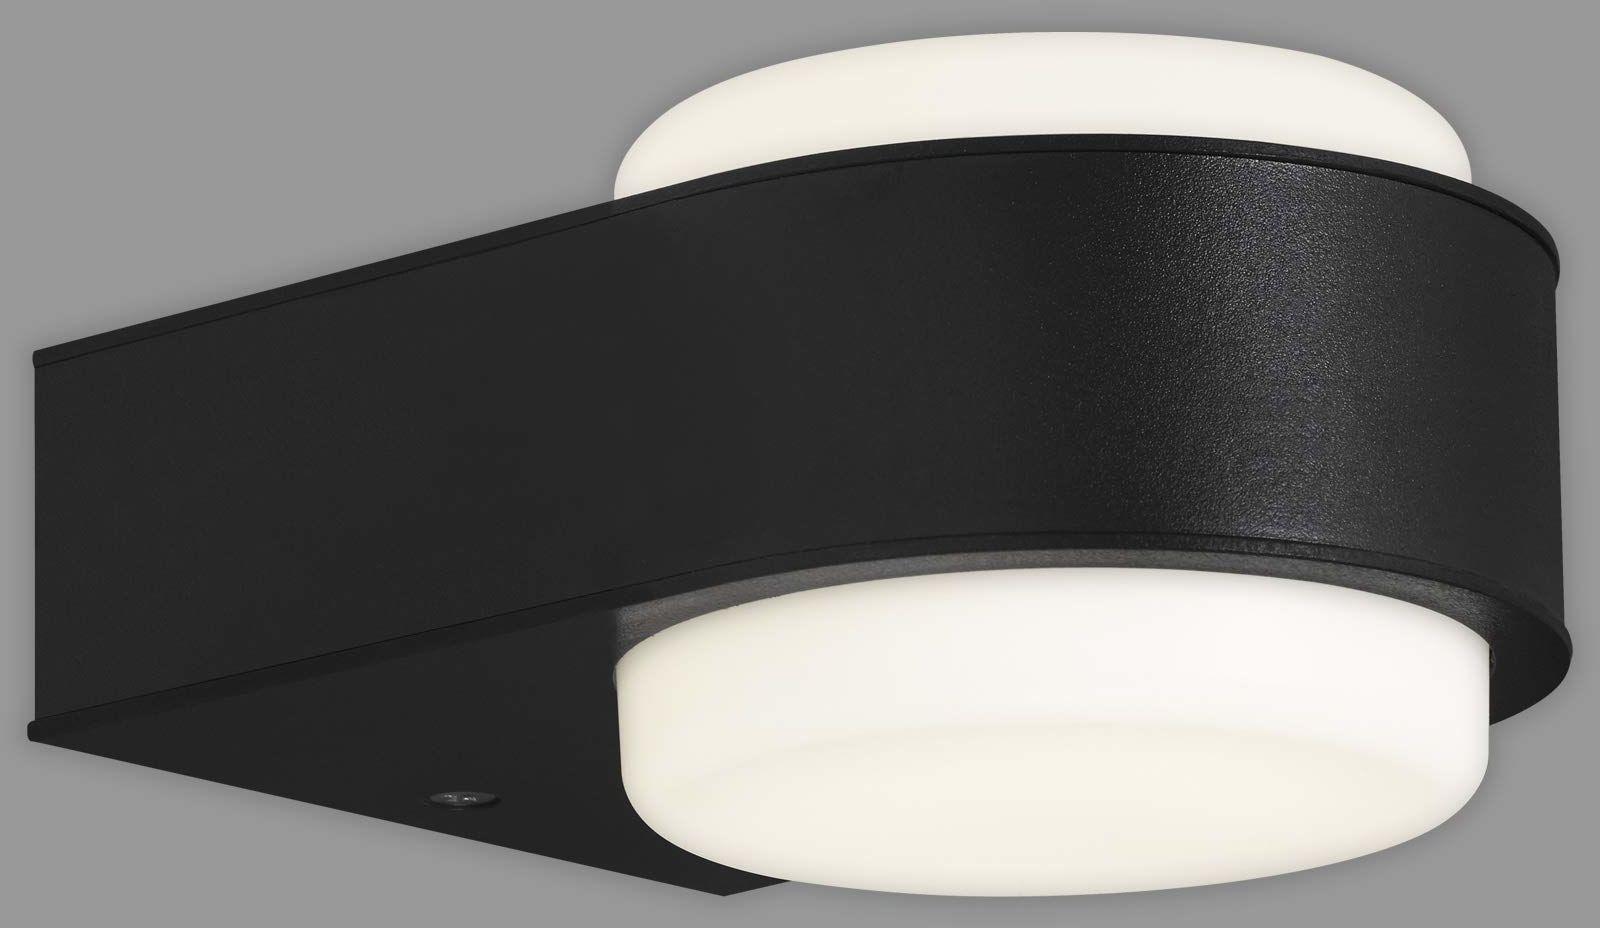 Briloner Leuchten - Zewnętrzna lampa LED, zewnętrzna lampa ścienna IP44, 6,5 W, 650 lumenów, 4000 kelwinów, czarna, 144 x 104 x 69 mm (dł. x szer. x wys.)